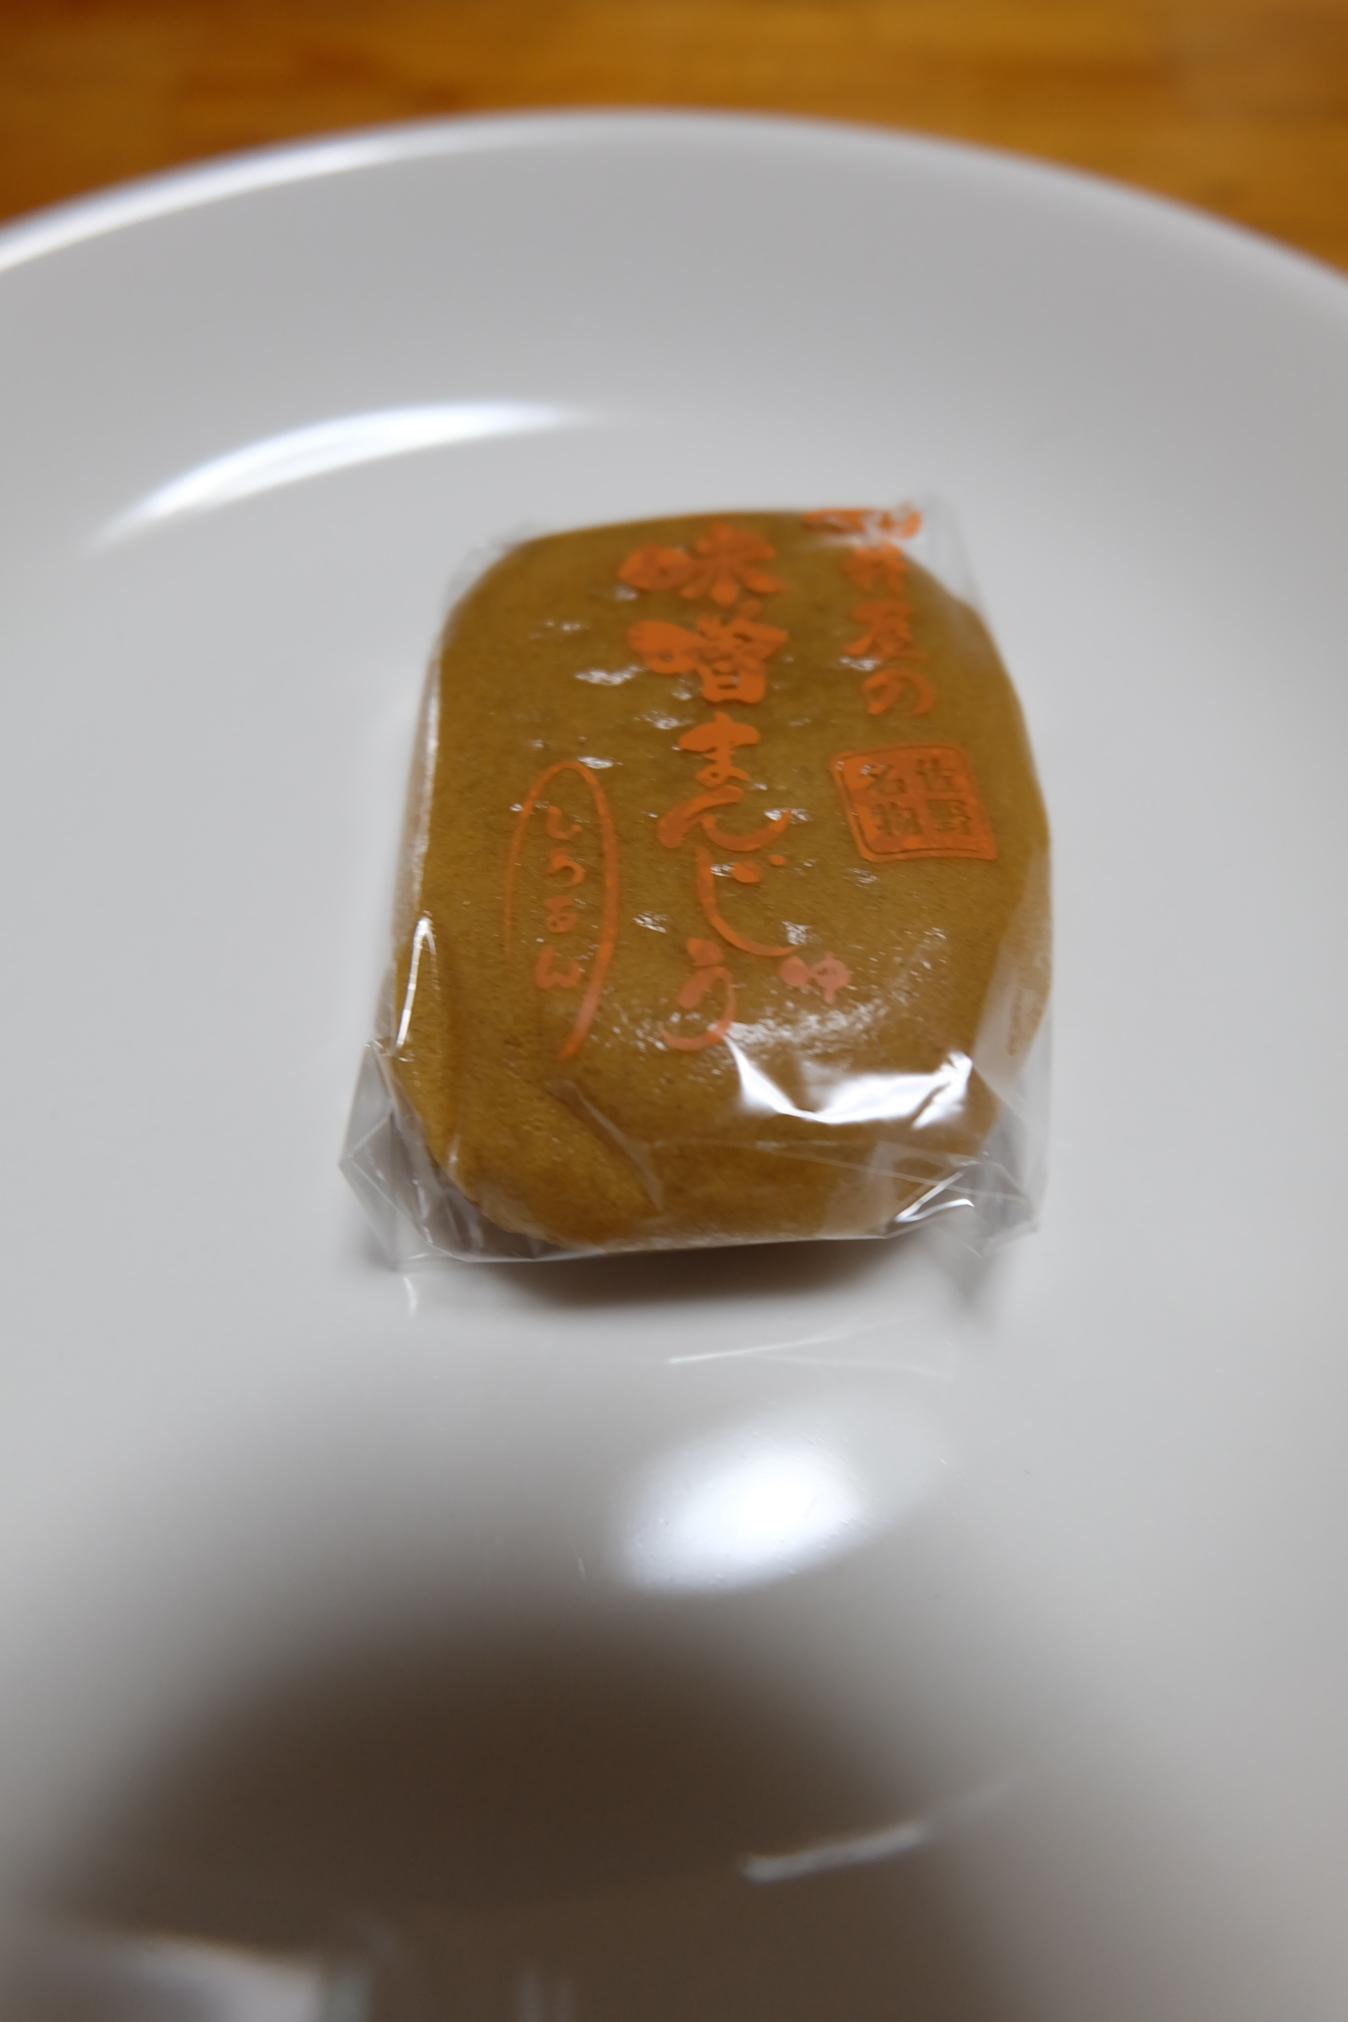 味噌まんじゅう新井屋  佐野本町店 name=